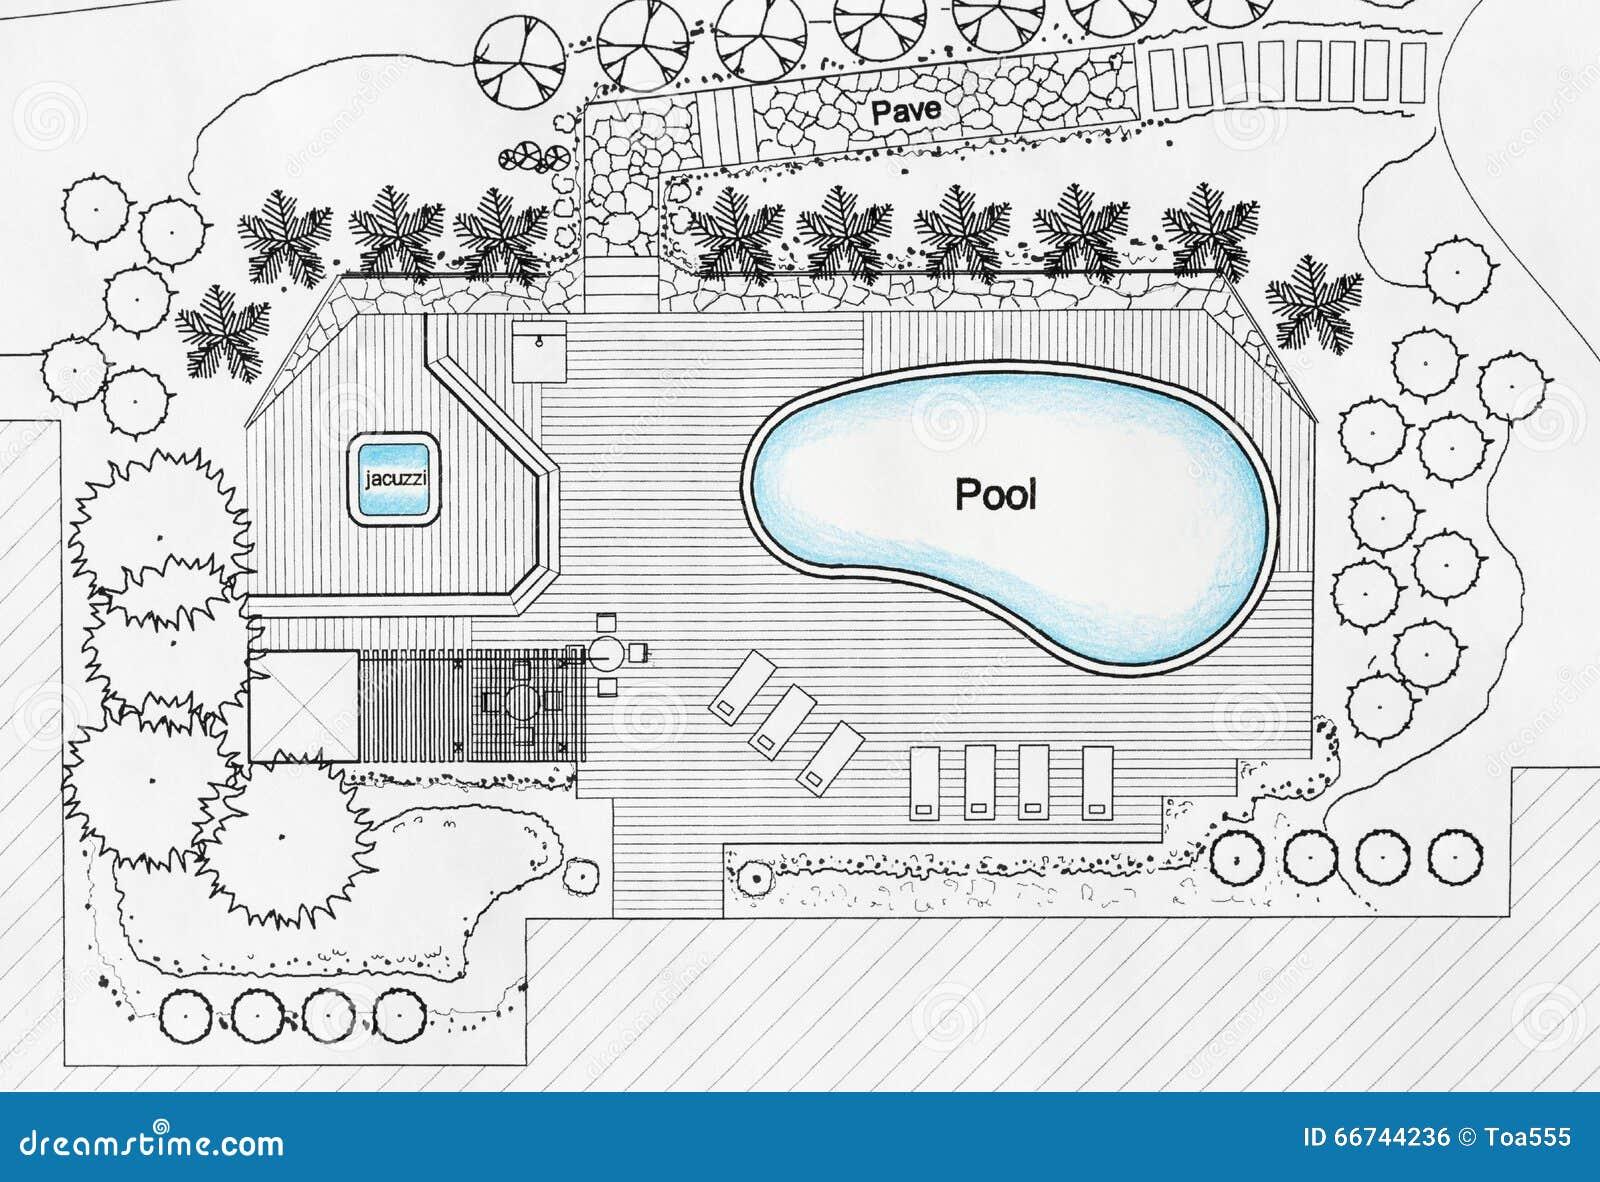 villa de luxe de designs pool for d 39 architecte paysagiste photo stock image 66744236. Black Bedroom Furniture Sets. Home Design Ideas